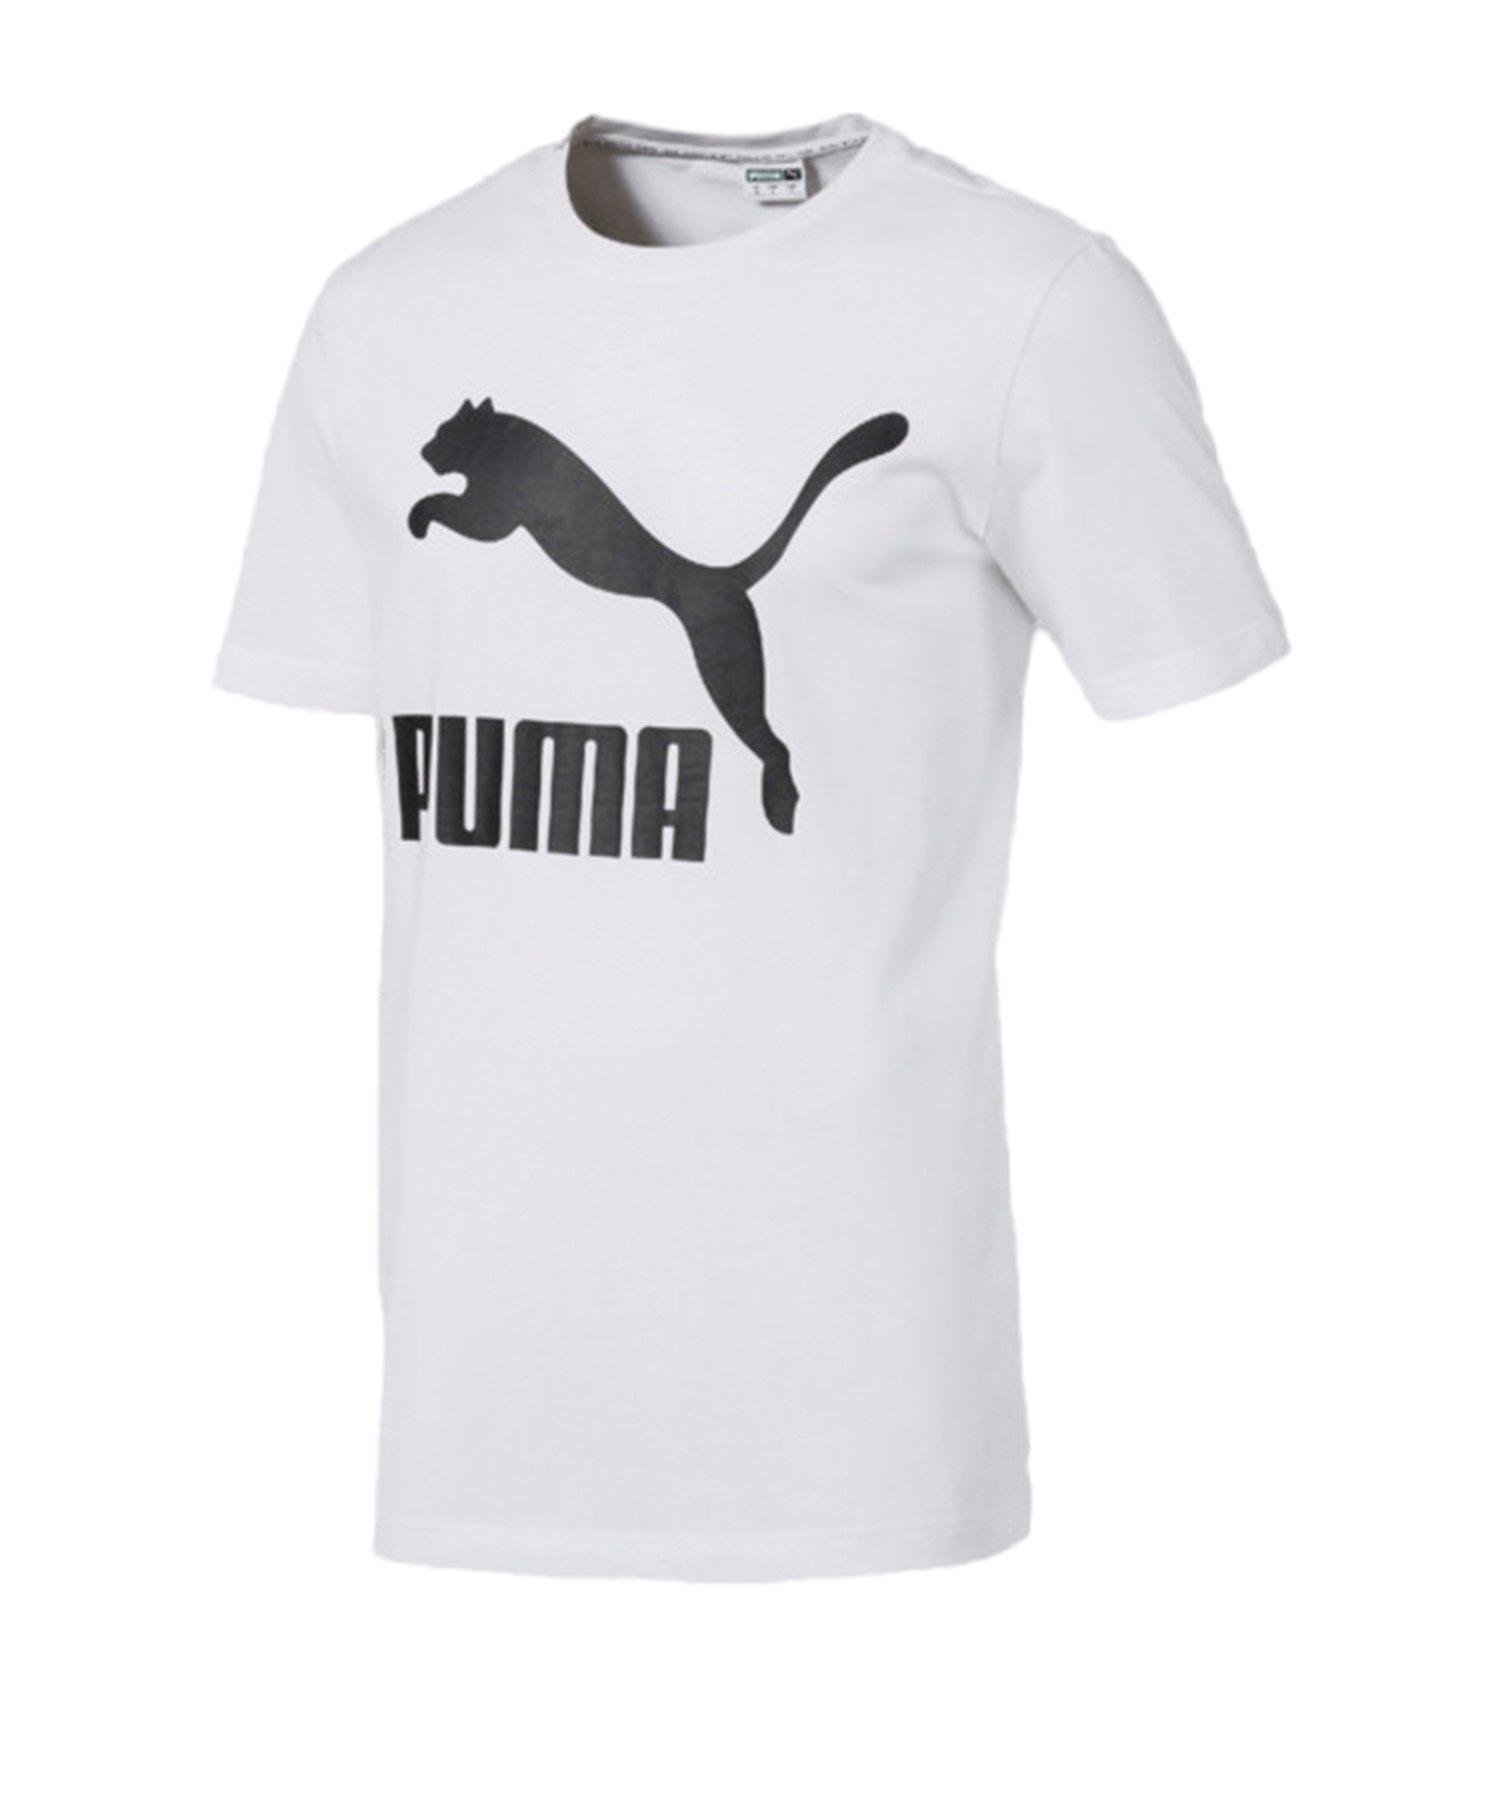 PUMA Classics Logo Tee T-Shirt Weiss F02 - weiss